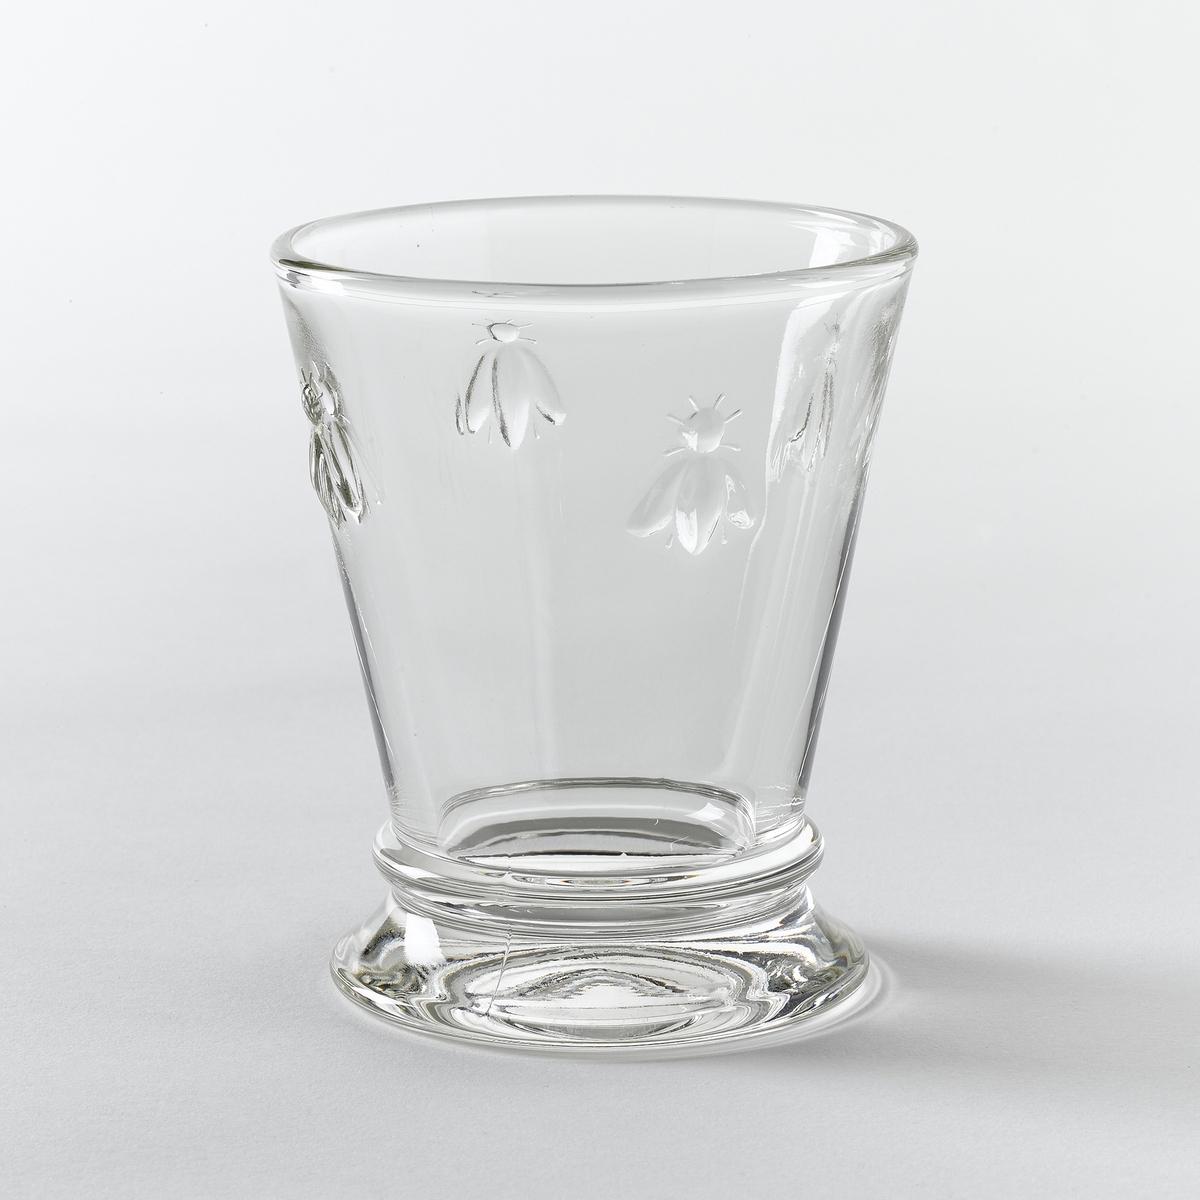 Комплект из 6 стаканов для водыХарактеристики:- очень прочное прессованное стекло- декорированы рисунком 4-х пчёл.- Объём: 270 мл.- Диаметр 9 x Выс. 10,30 см.- Можно использовать в посудомоечных машинах.- Произведено во Франции.Вы можете подобрать подходящие винные бокалы на сайте laredoute.ru.<br><br>Цвет: стеклянный прозрачный